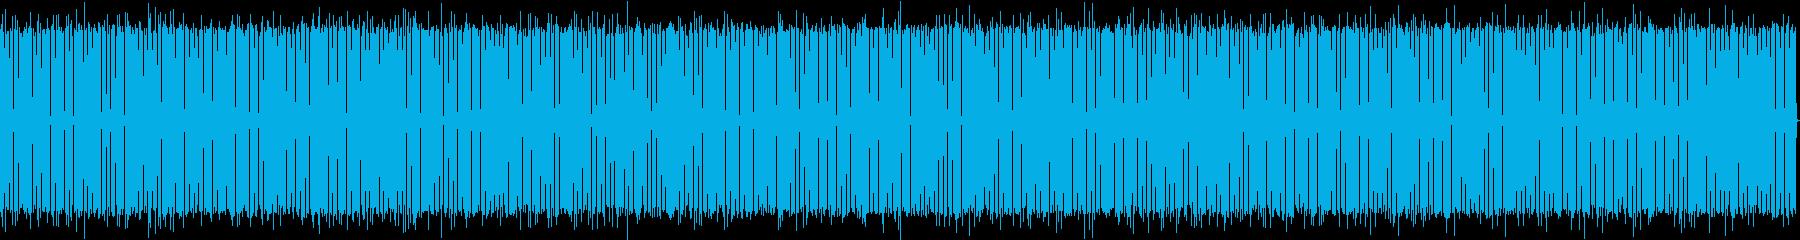 喋り動画用_使い易いお洒落なドラムBGMの再生済みの波形